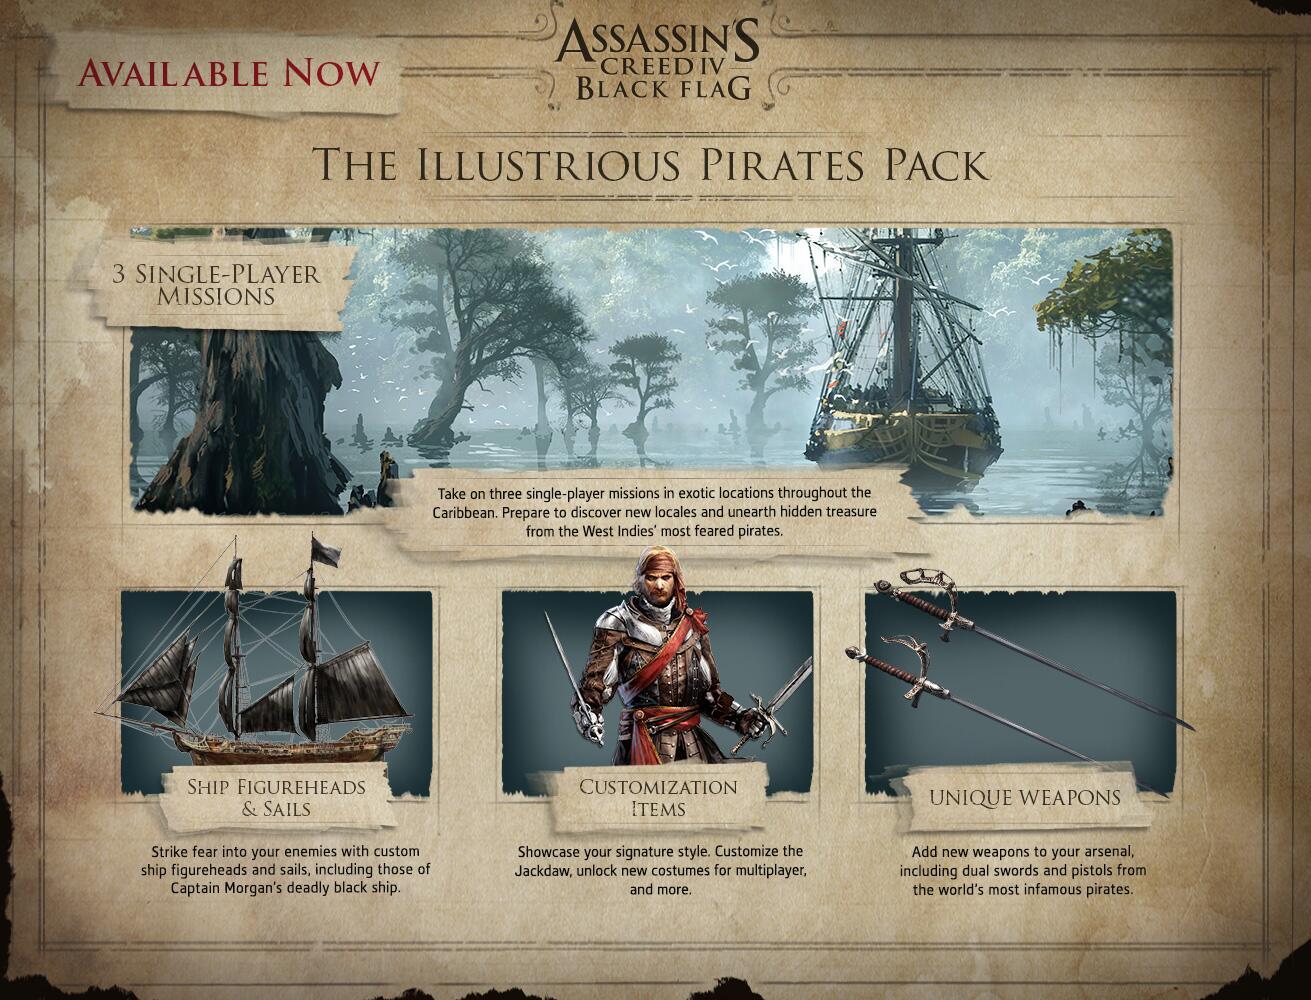 Illustrious Pirates Pack